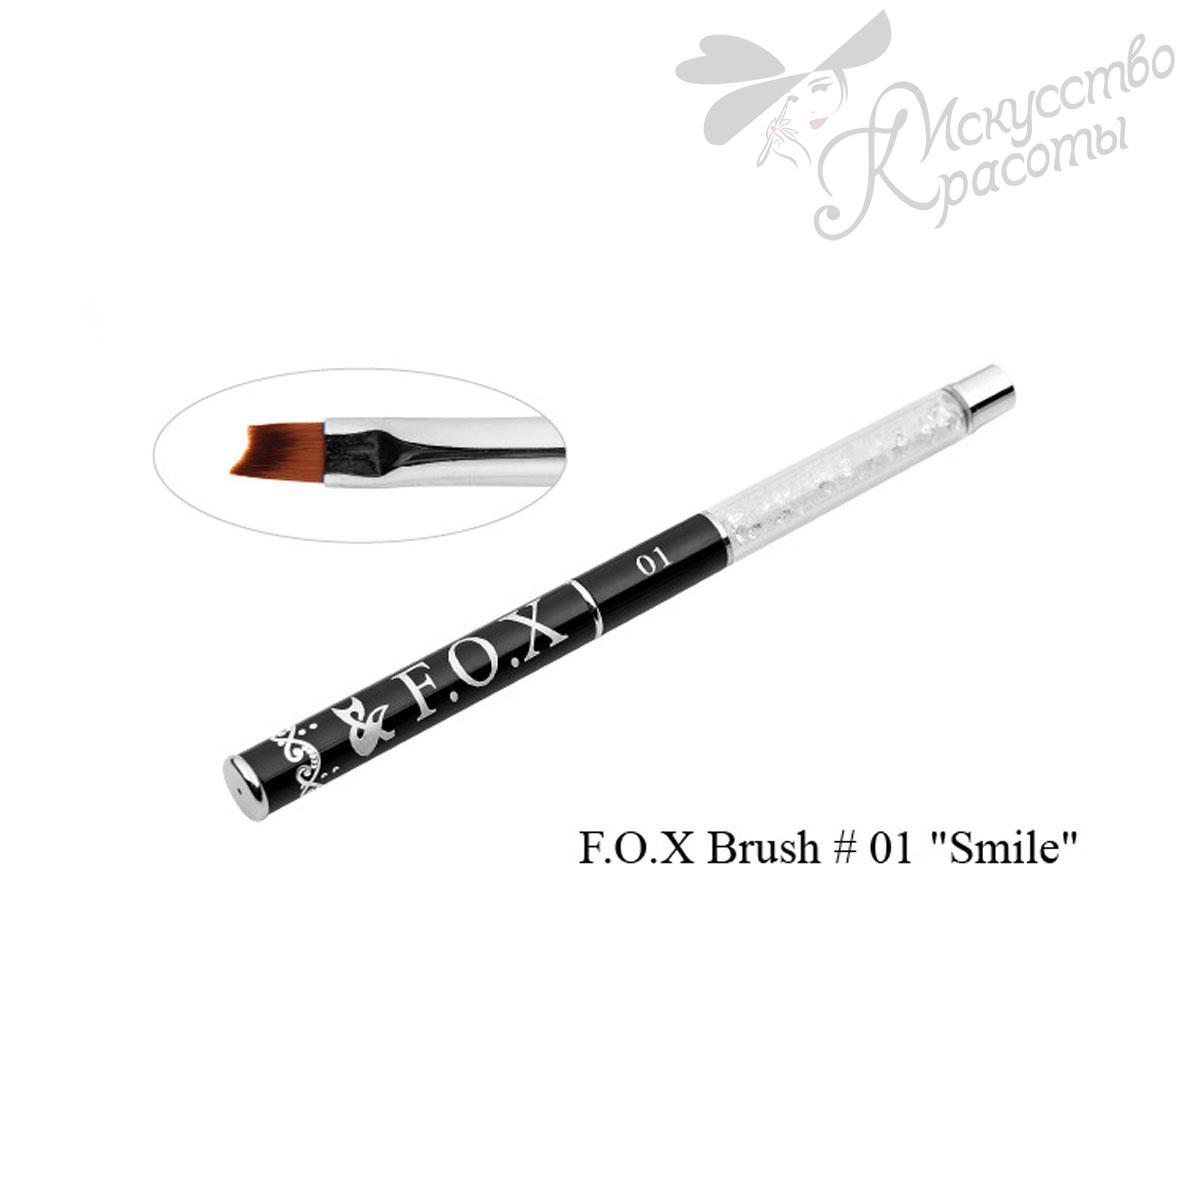 Кисть для дизайна 01 FOX